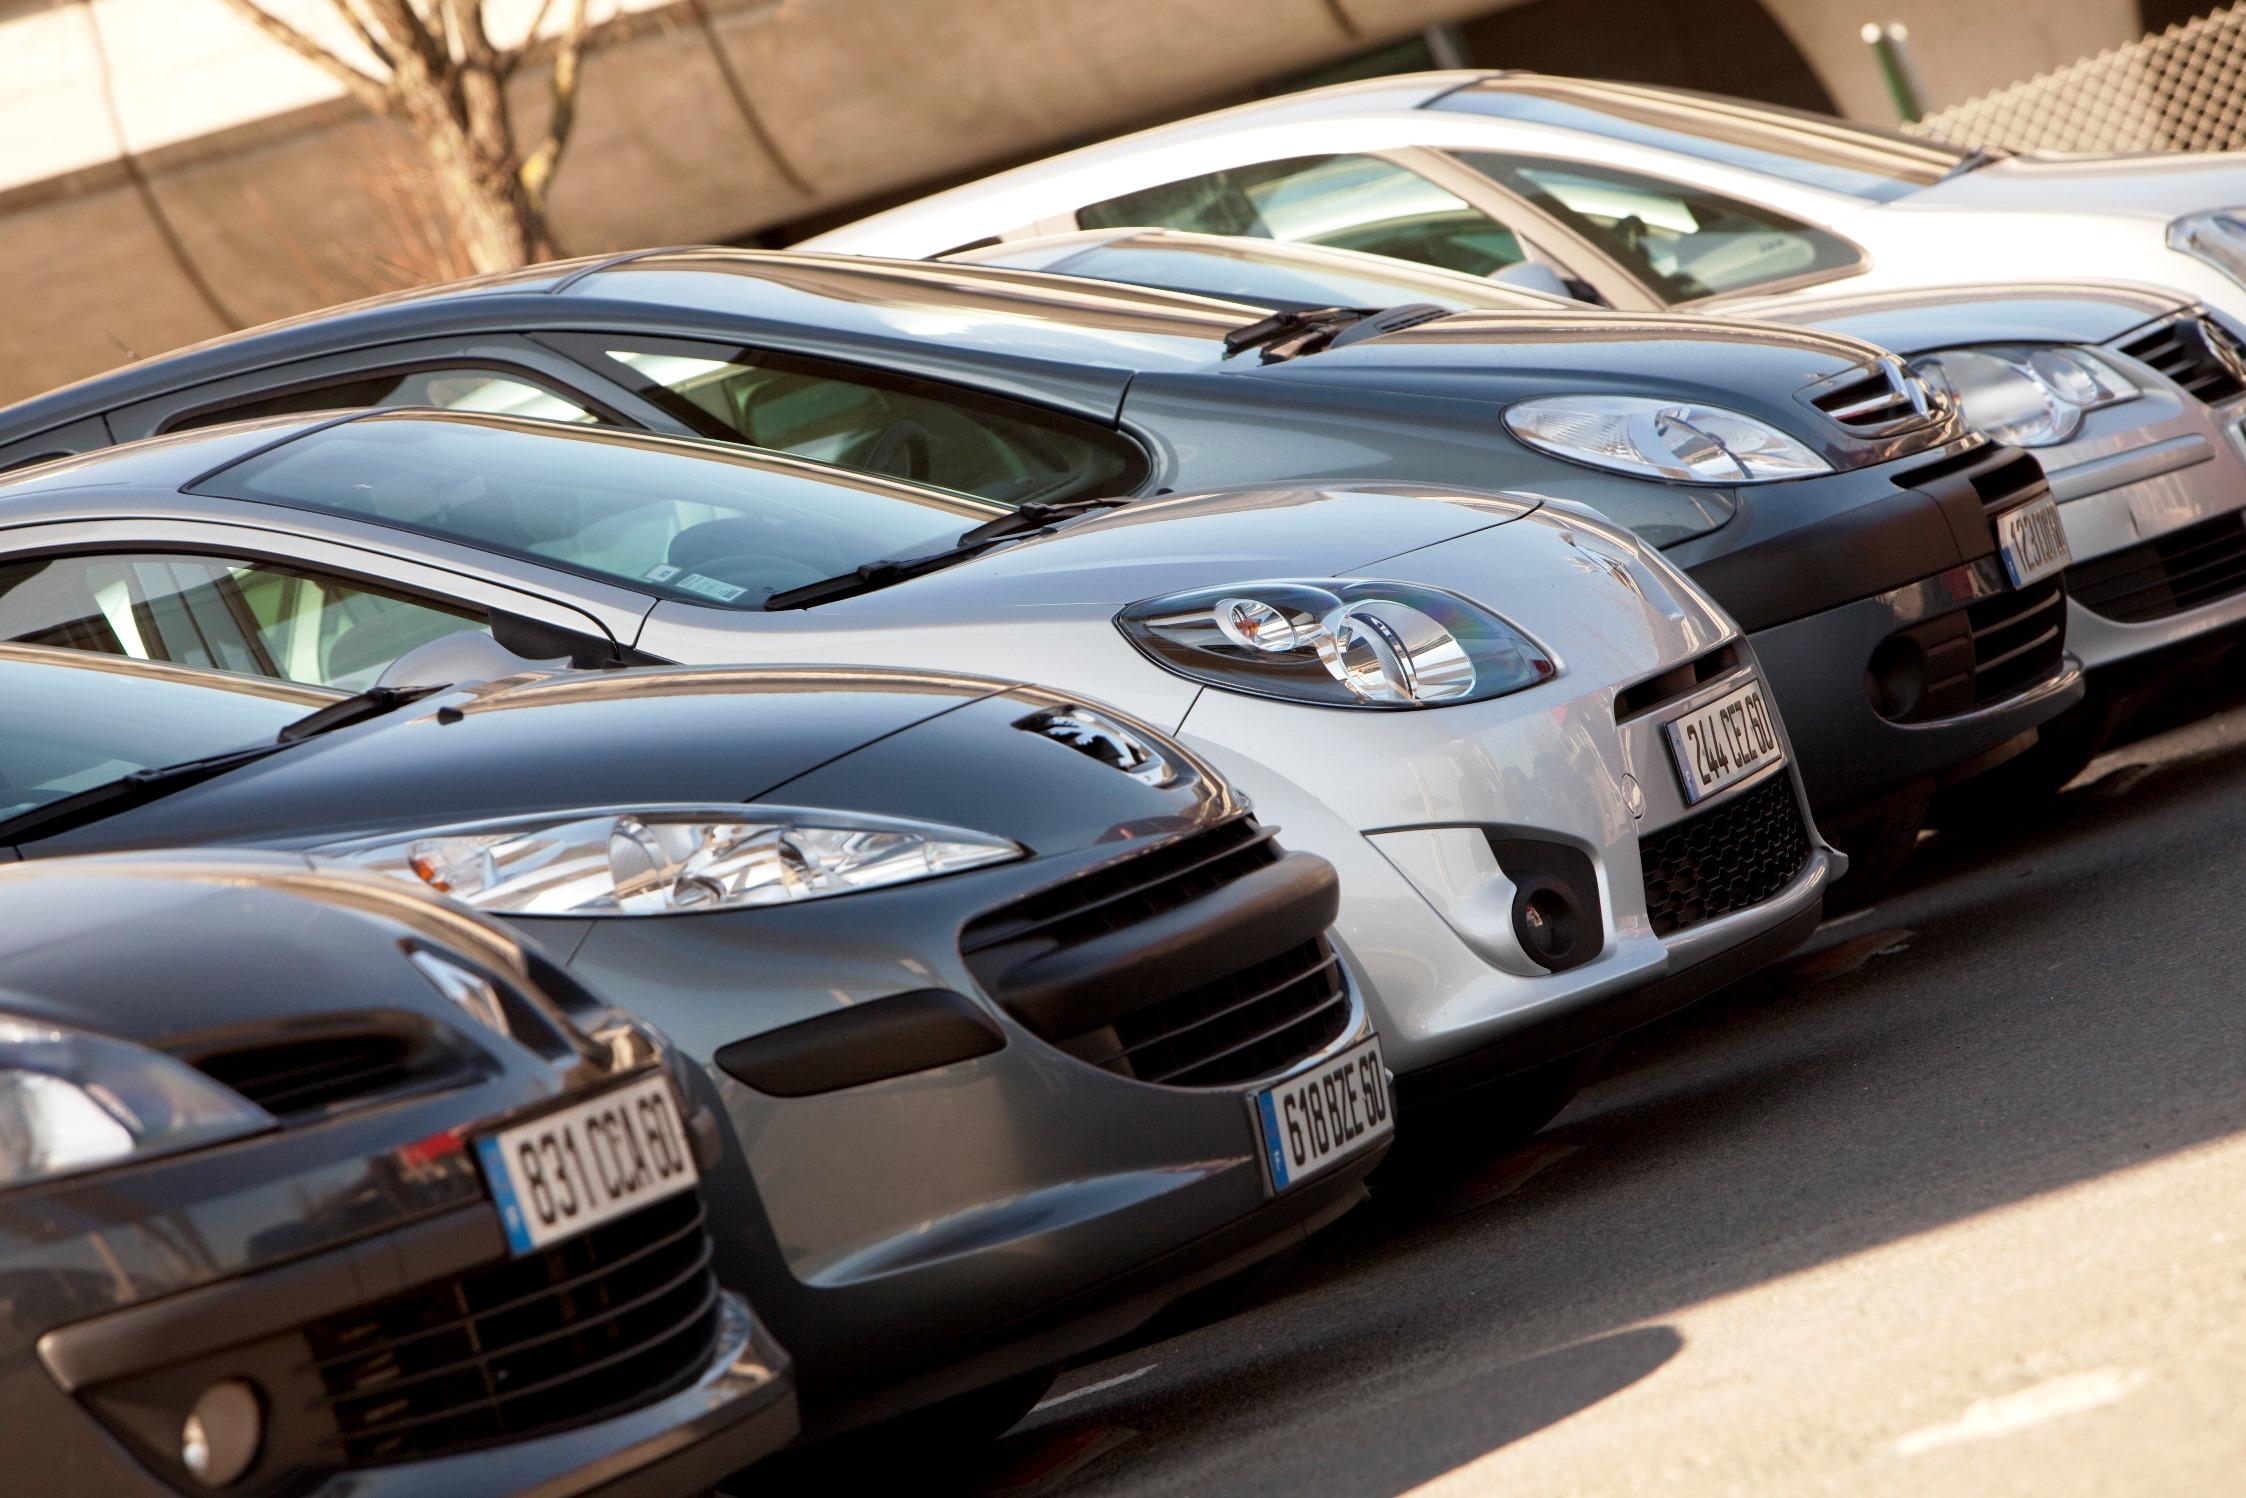 Si tu empresa no te sube el sueldo, pídele un coche